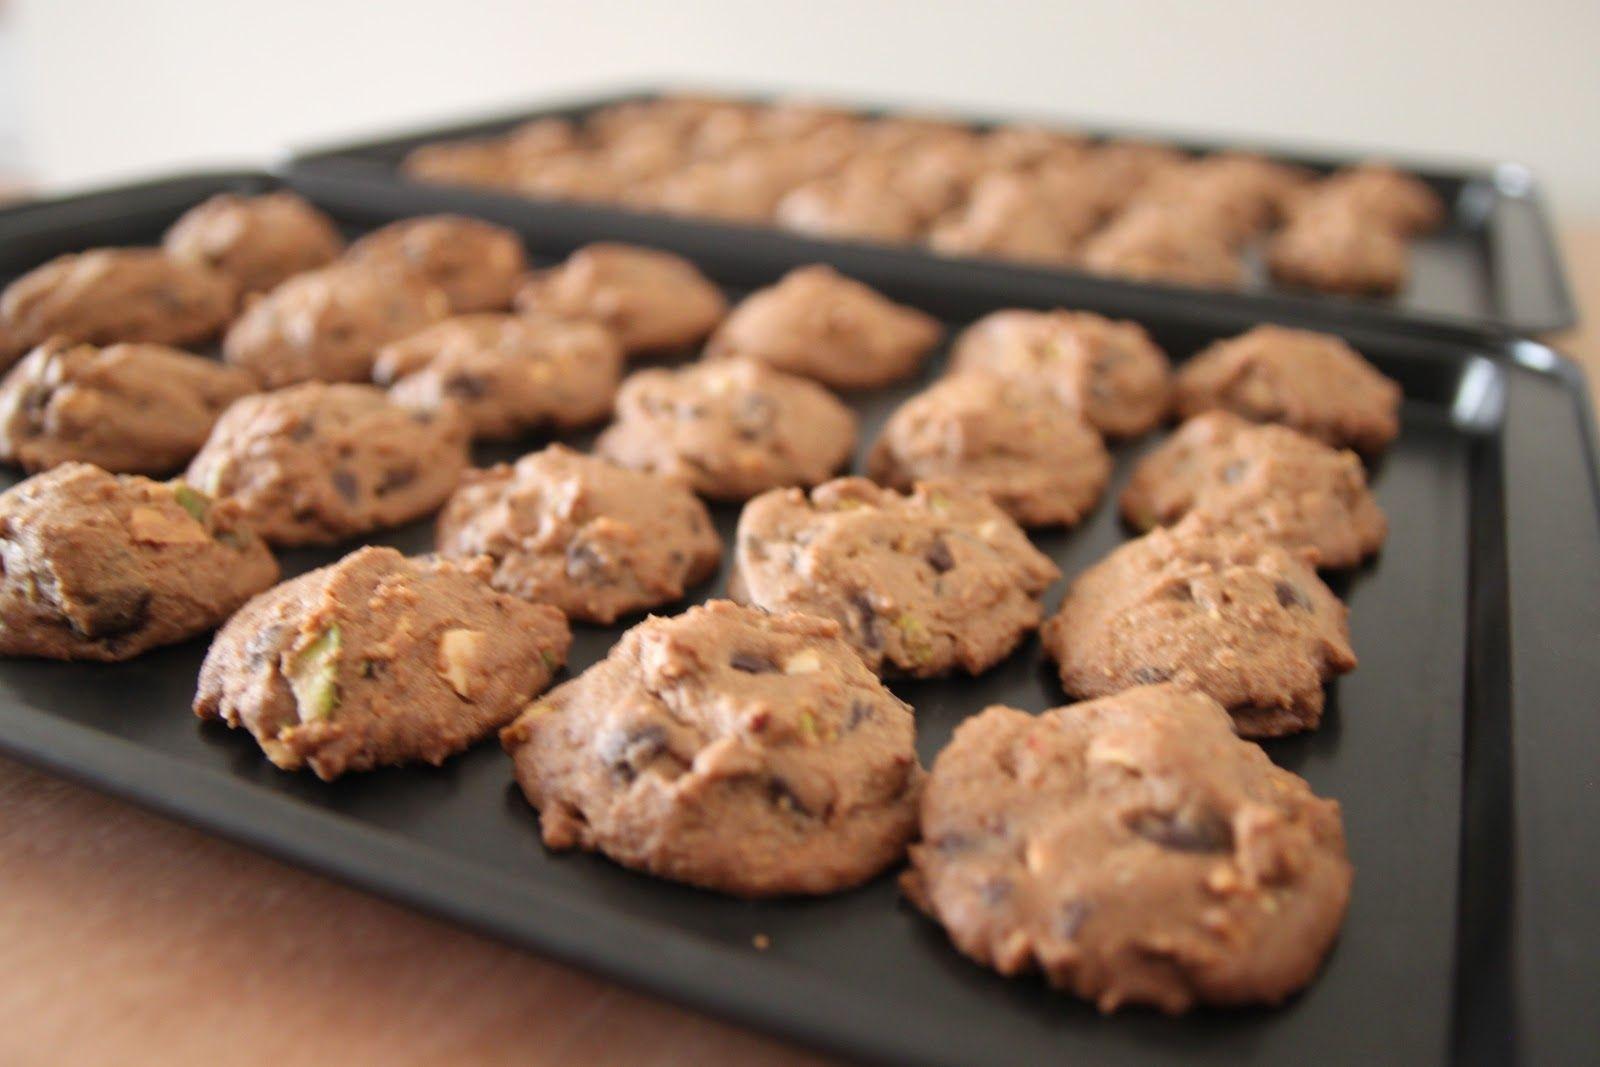 Biskut Coklat Cip Resep Makanan Hidangan Penutup Kue Kering